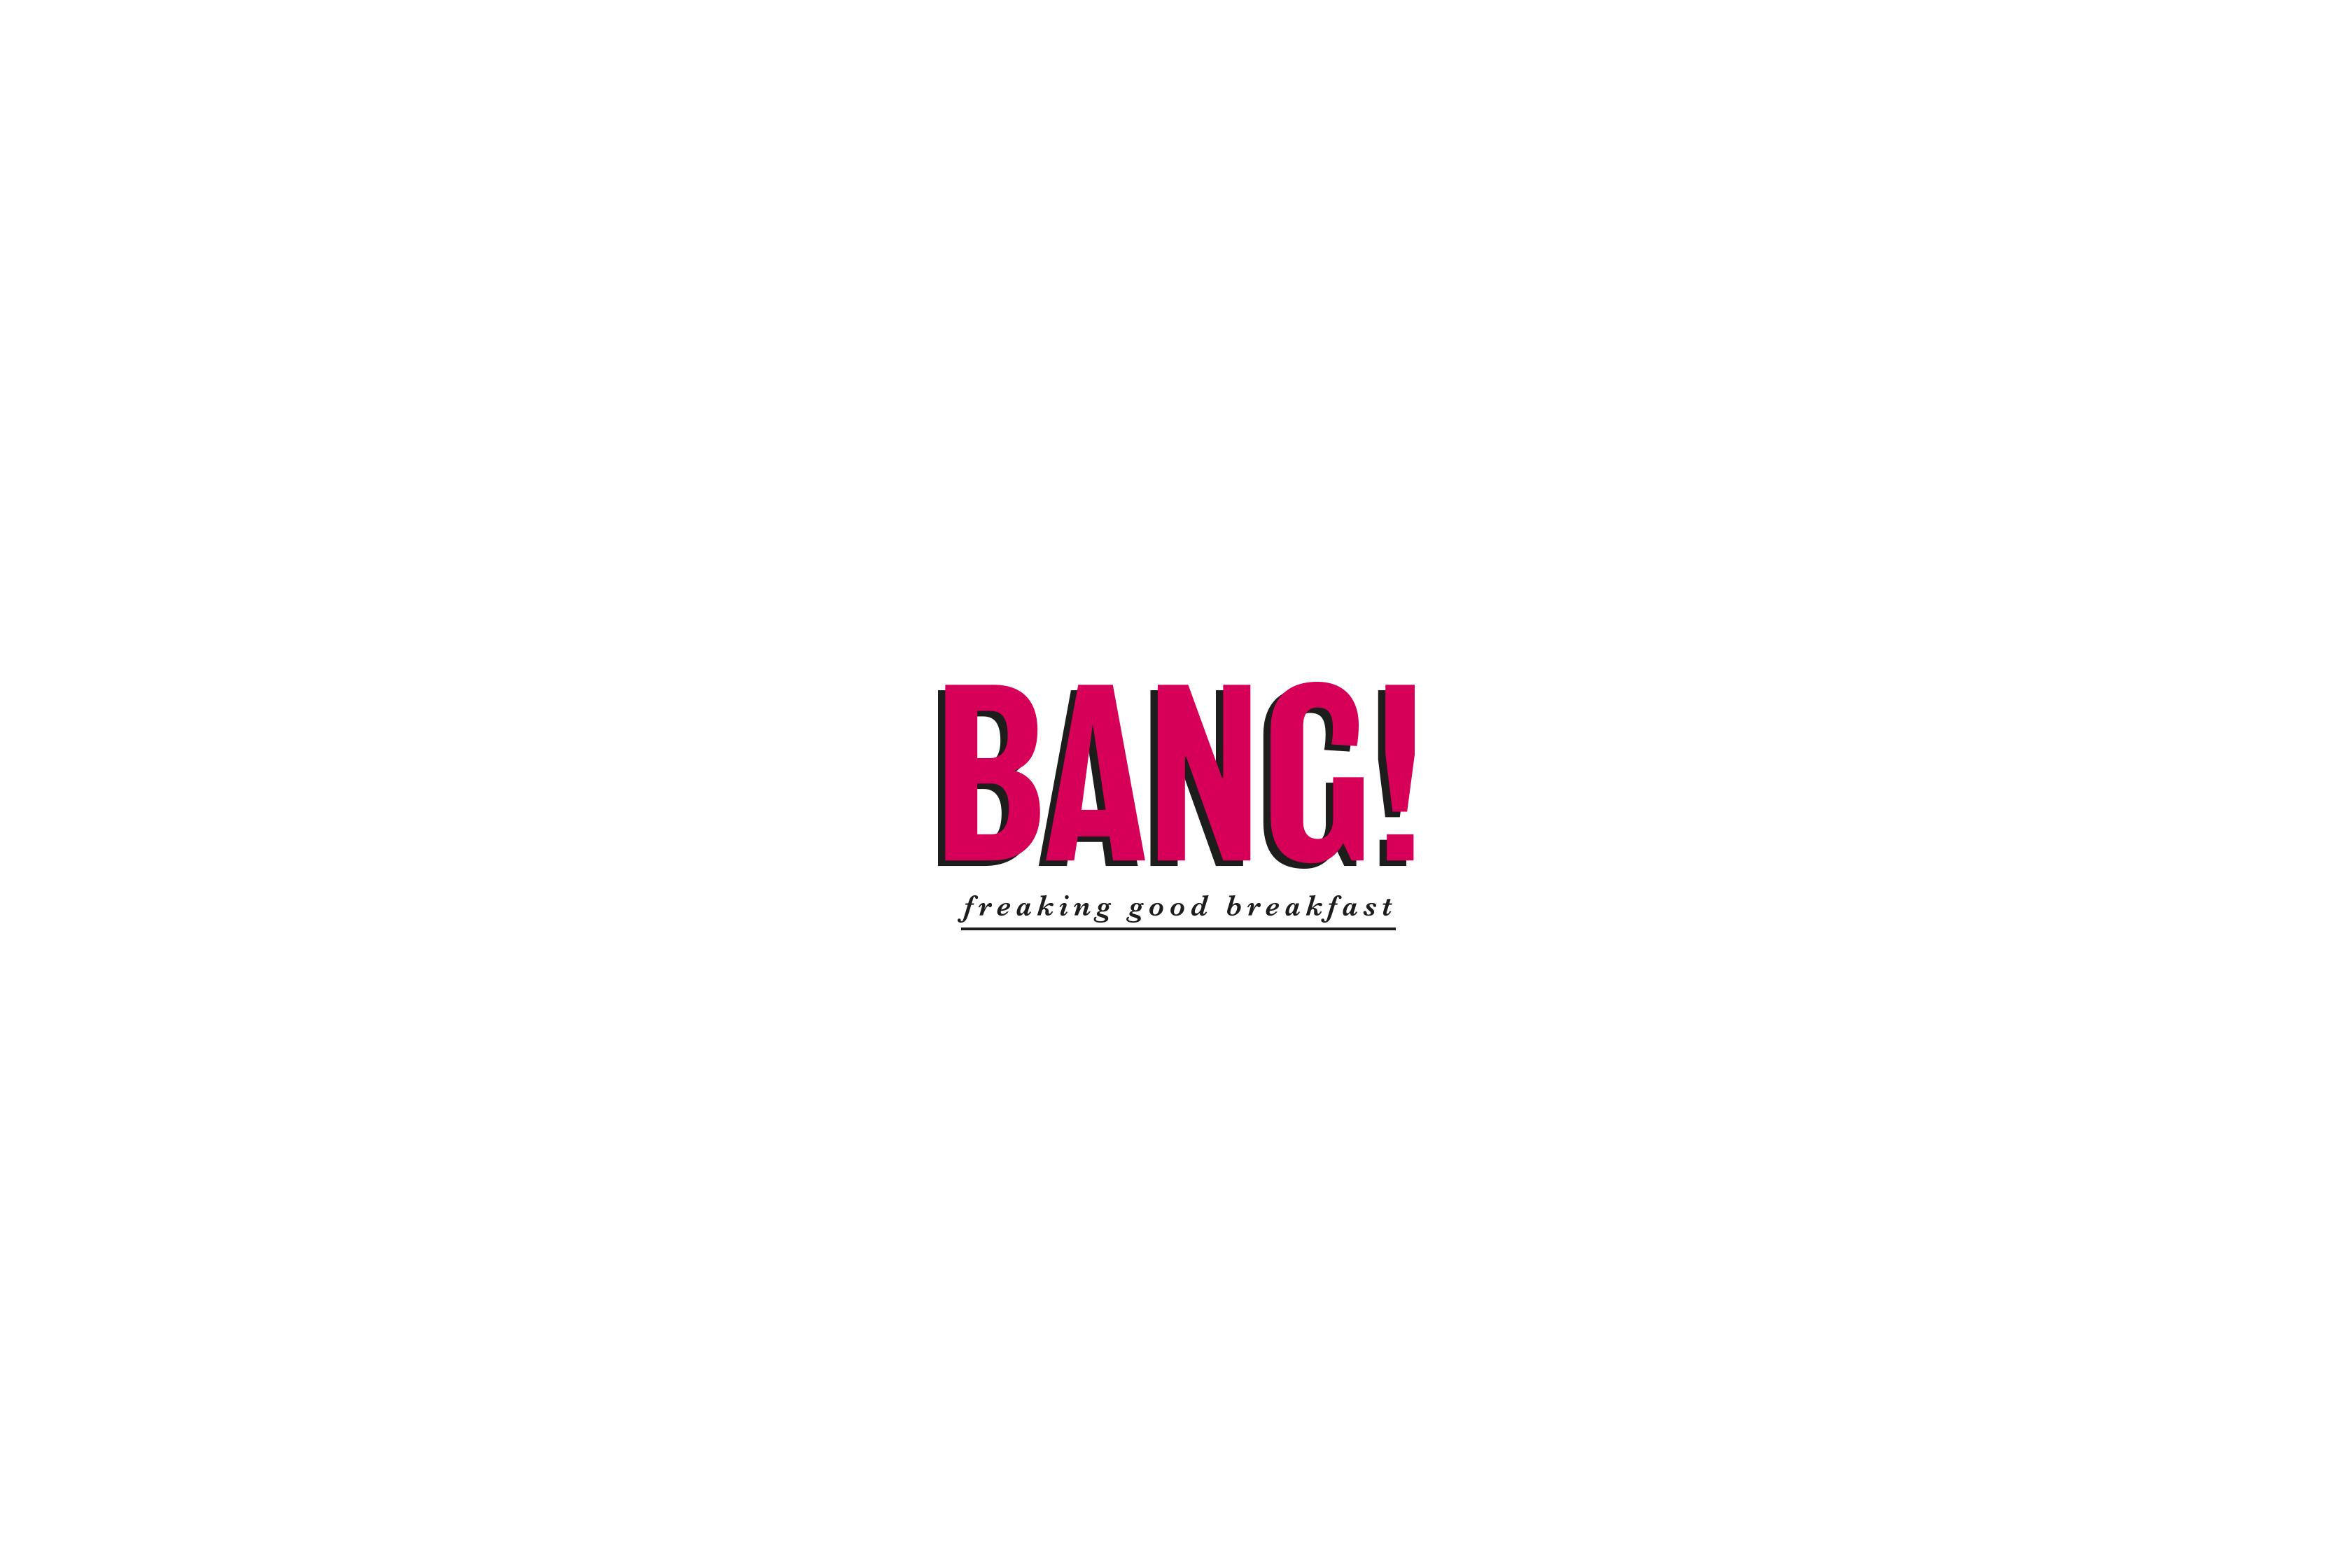 bang-logo-nocircle